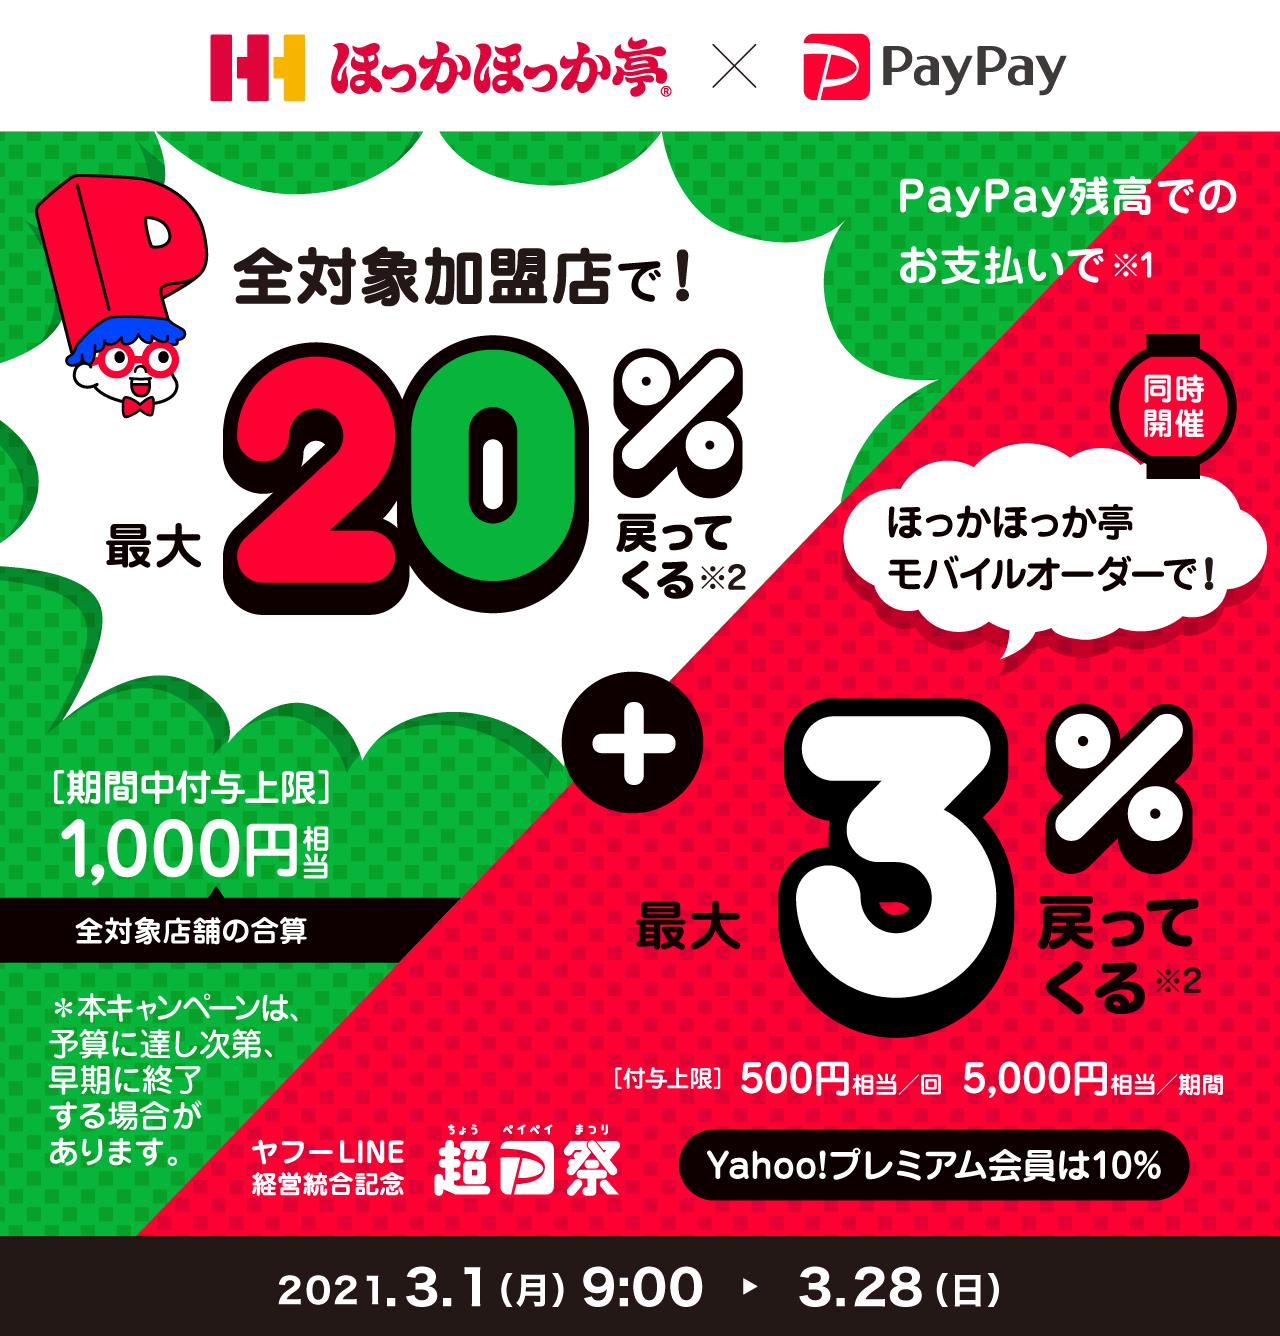 ほっかほっか亭paypayキャンペーン